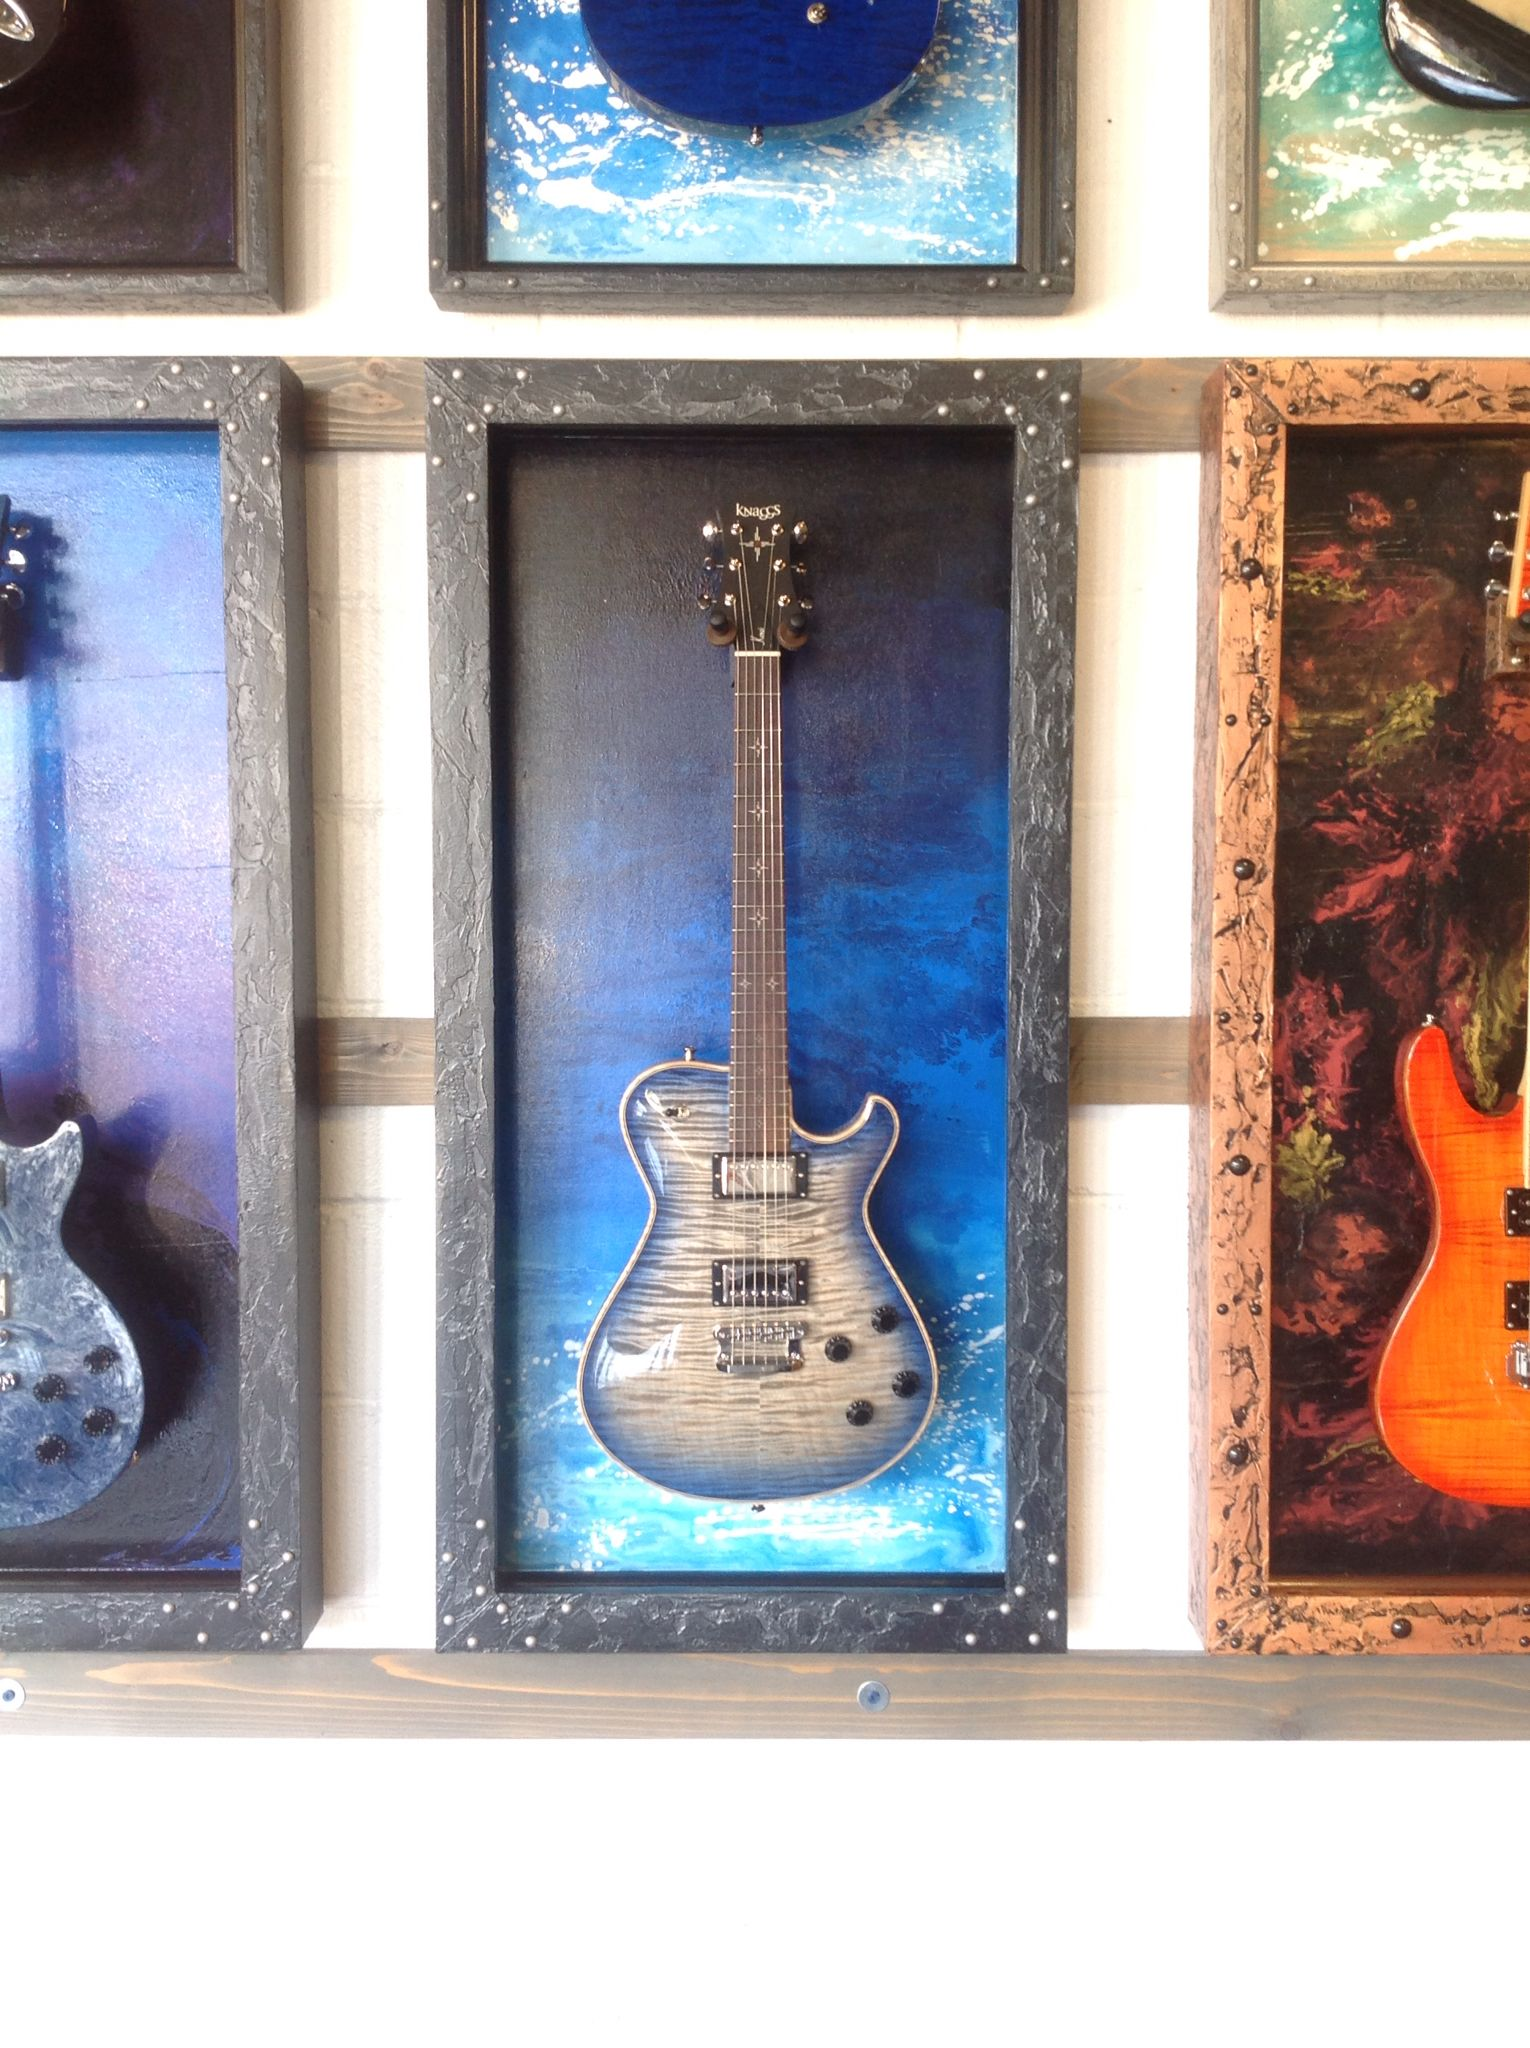 Gframescom Over 50 Guitar Frames To Choose From